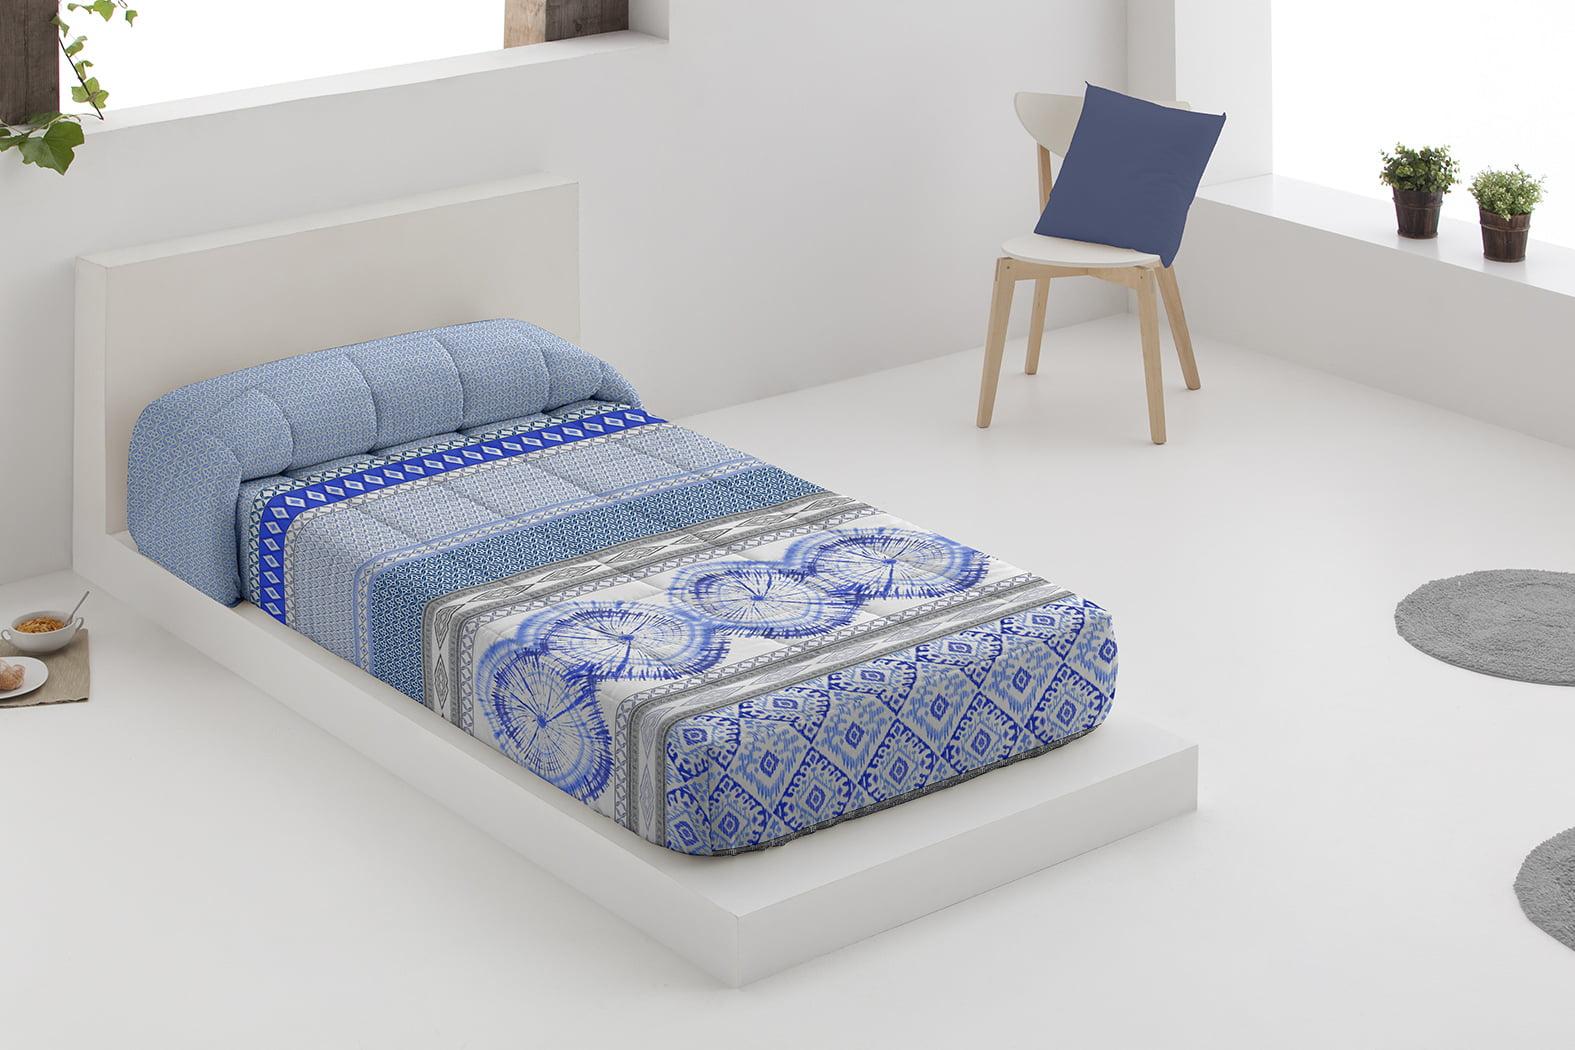 Saco Nordico Ajustable Alena Azul